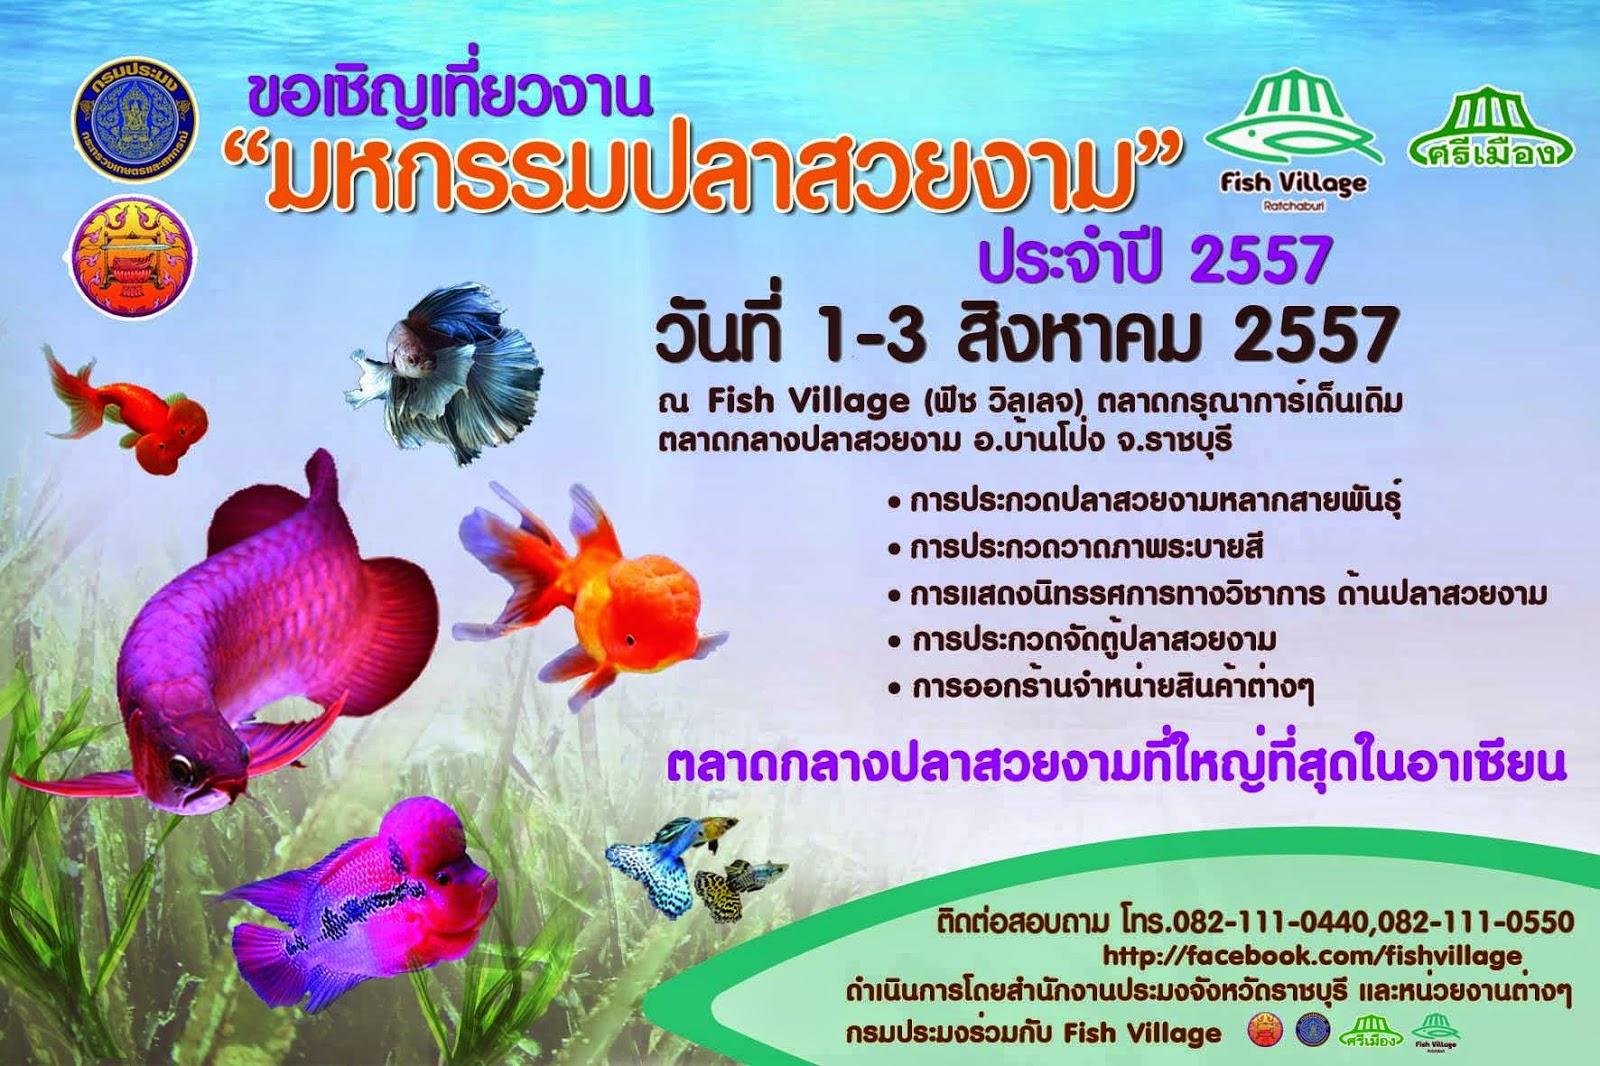 มหกรรมปลาสวยงาม 2557 บ้านโป่ง ราชบุรี ประกวดปลาสวยงาม